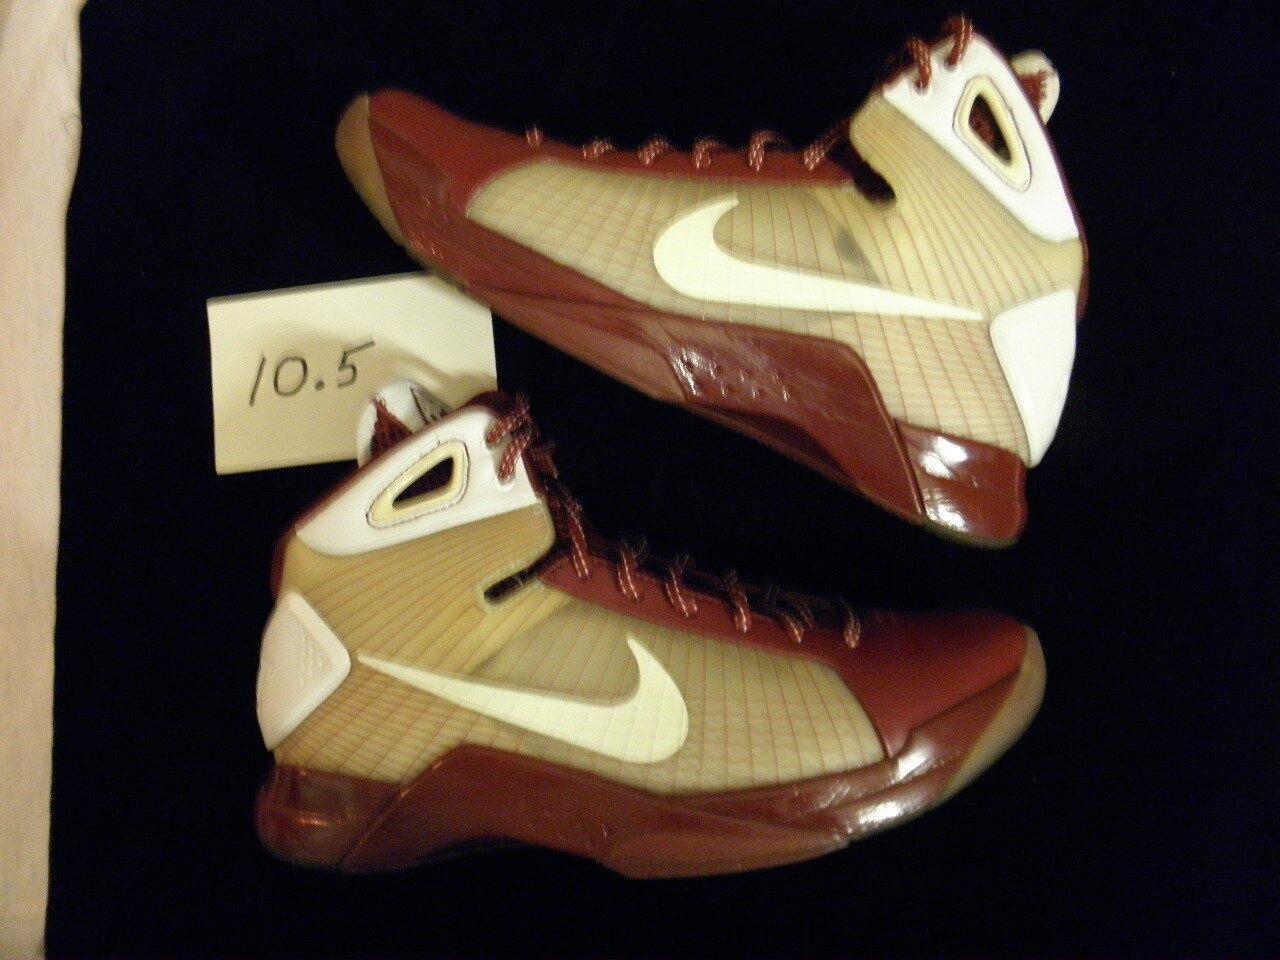 Nike hyperdunk Lower 1 i un og Lower hyperdunk Merion High School ases Kobe Bryant PE tamaño 10,5 9ab986